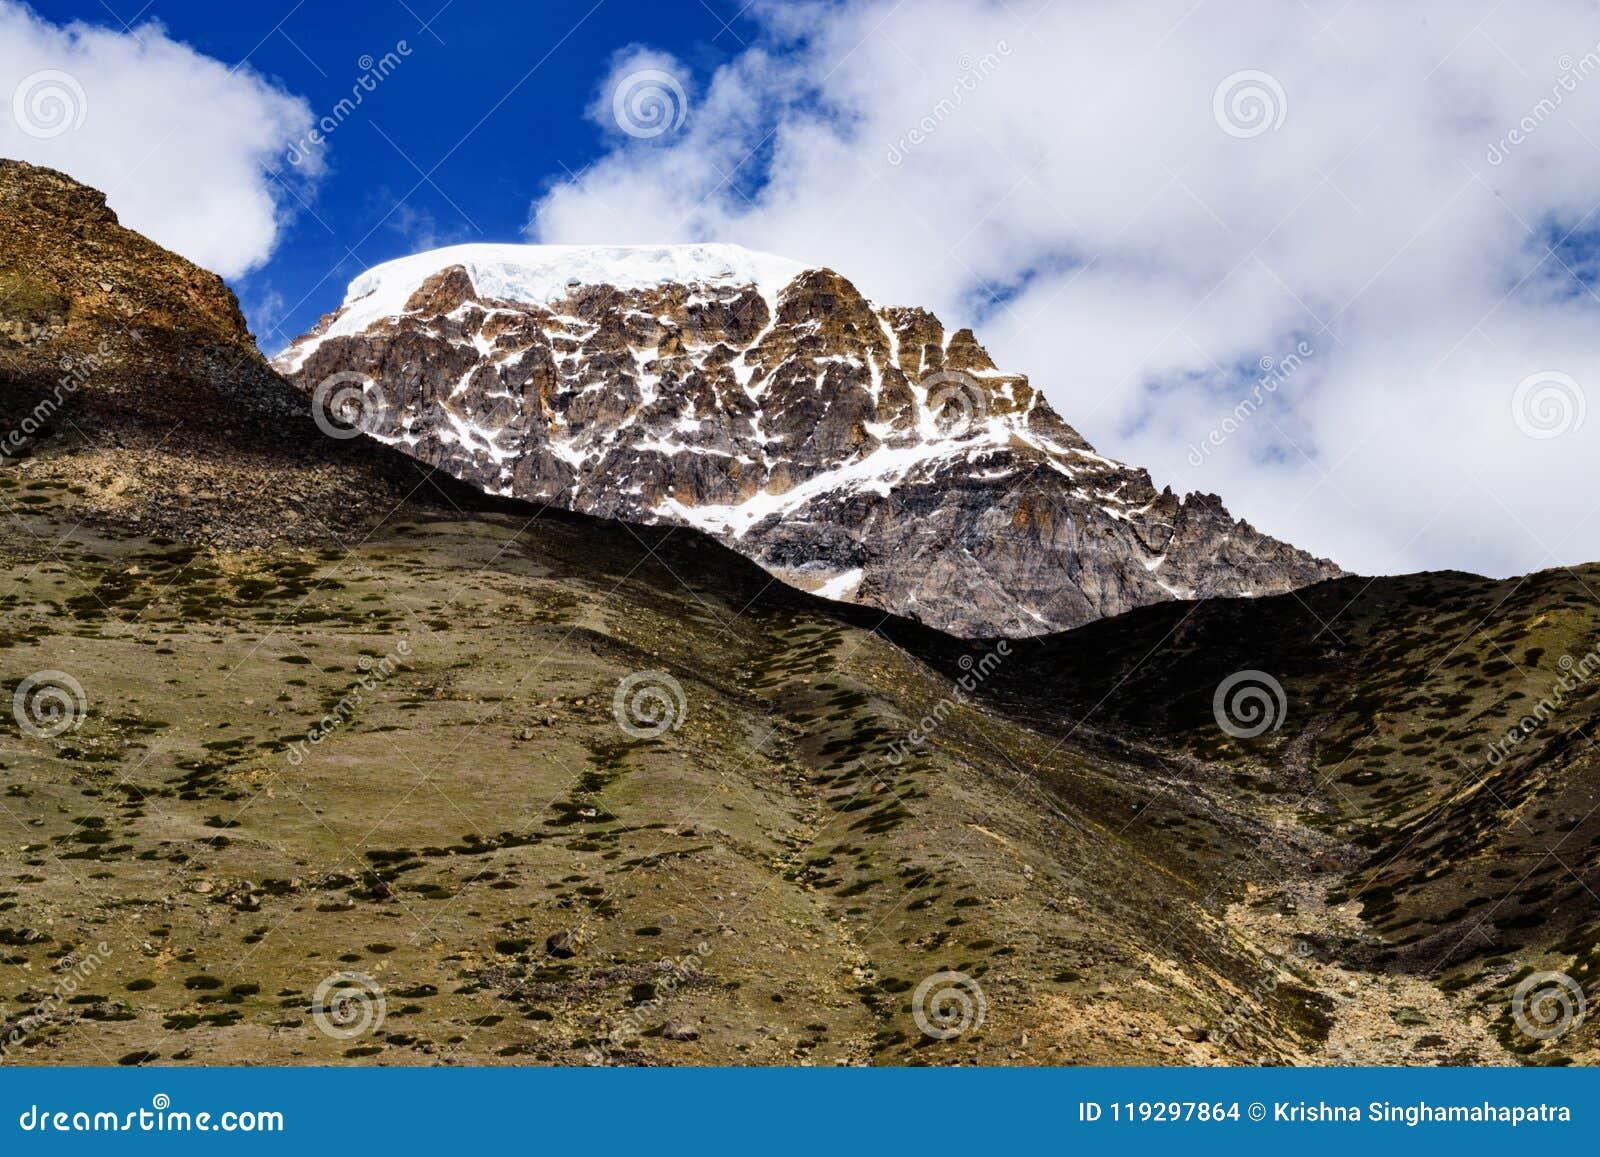 Picco di montagna himalayano innevato con CloudscapeOn il modo a Gurudongmar